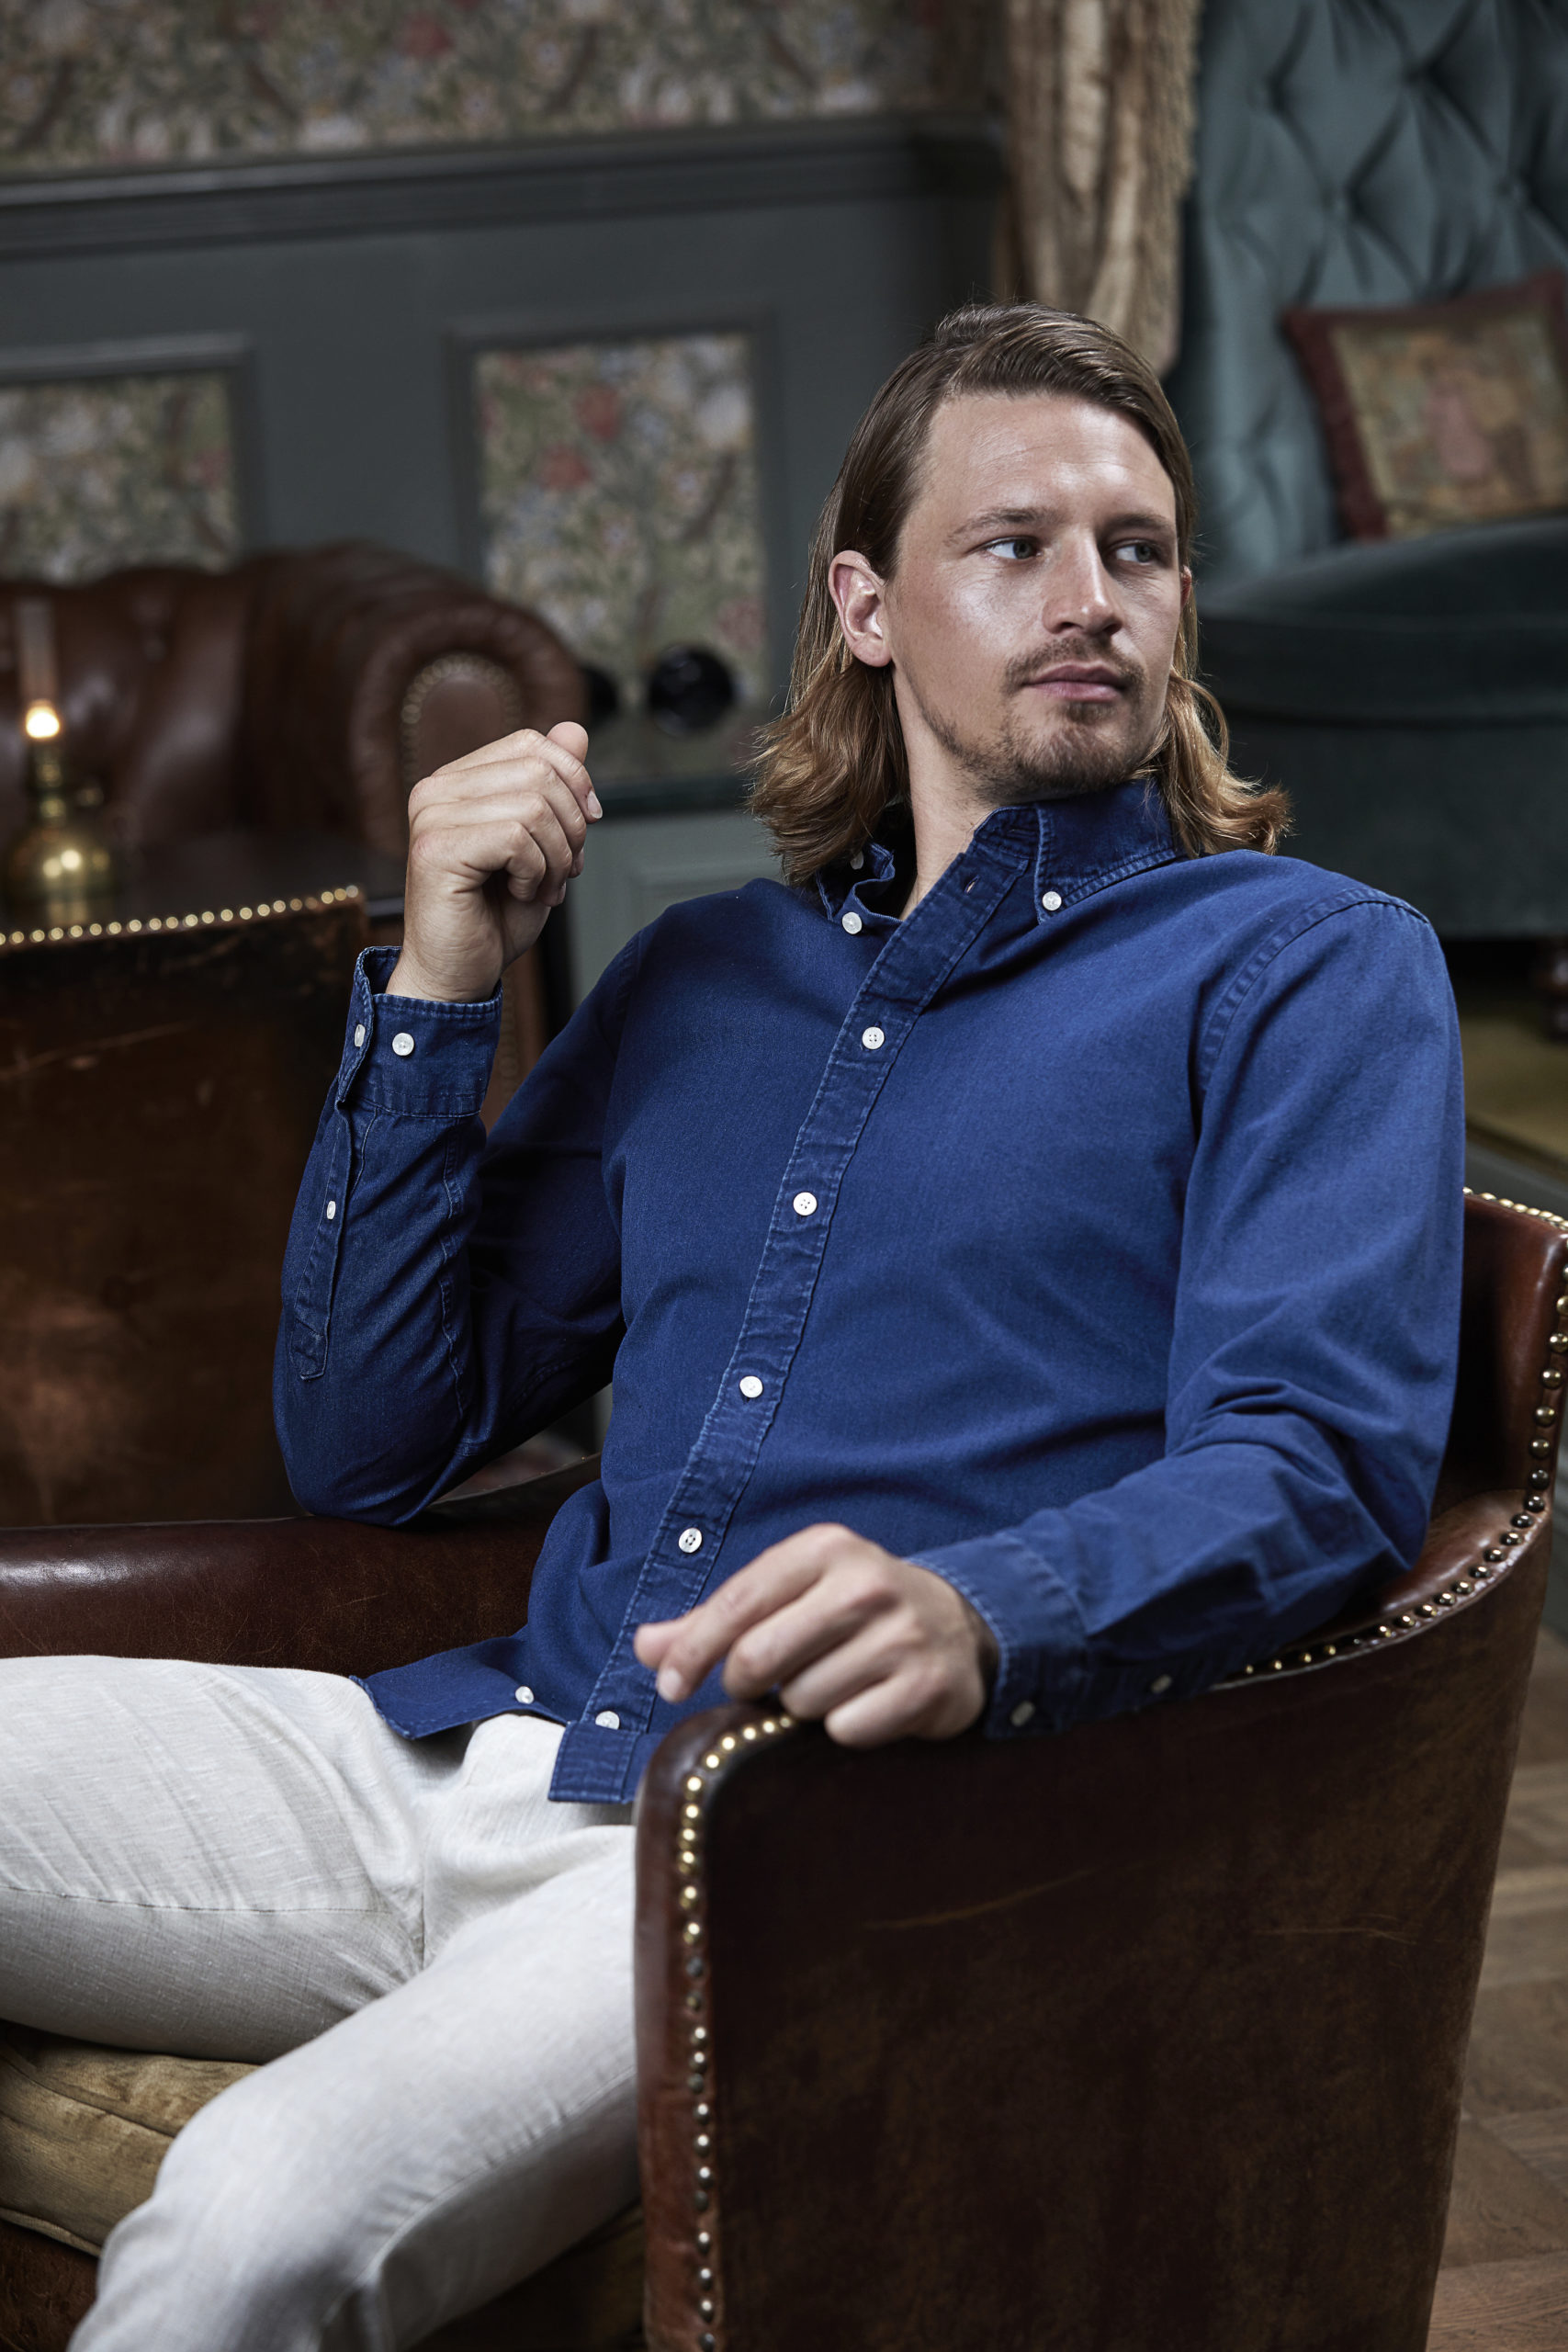 4002_Homme, Casual Taille Shirt, vêtement blanchi -col boutonné -col et poignets incorporés -empiècement au dos avec pli creux -boucle de suspension intérieure -ourlet incurvé -coupe ajustée, Tee Jays, 109 t-shirts